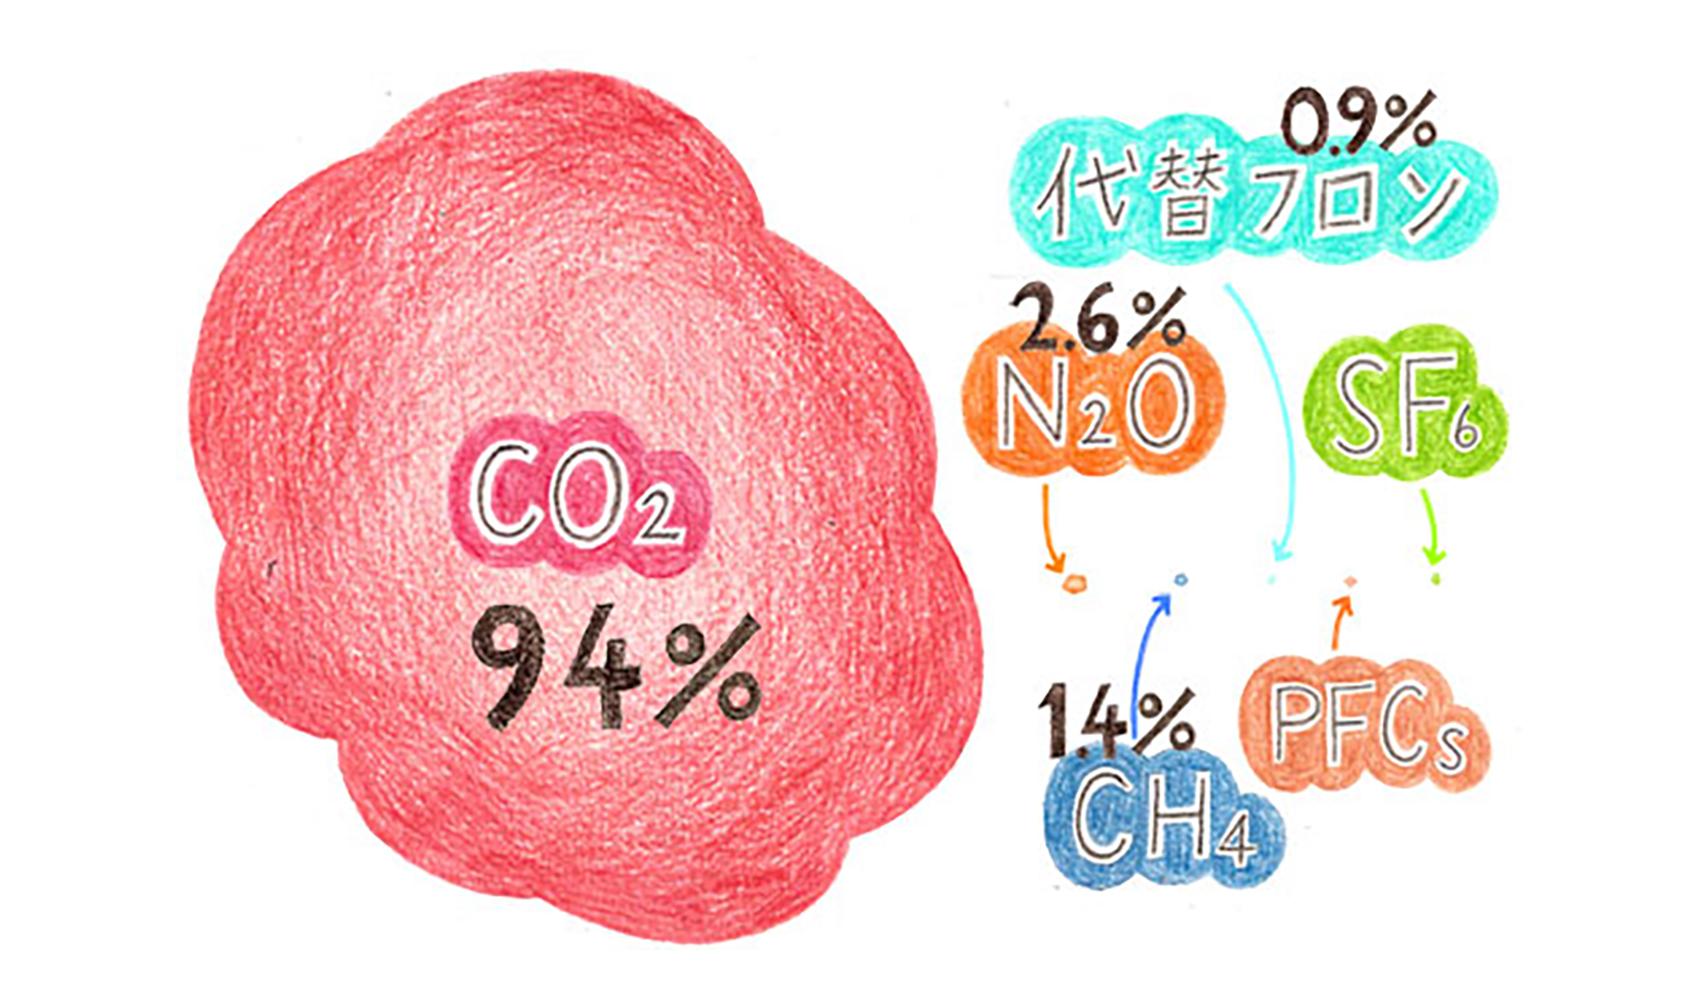 温室効果ガスにはどんなものがありますか?